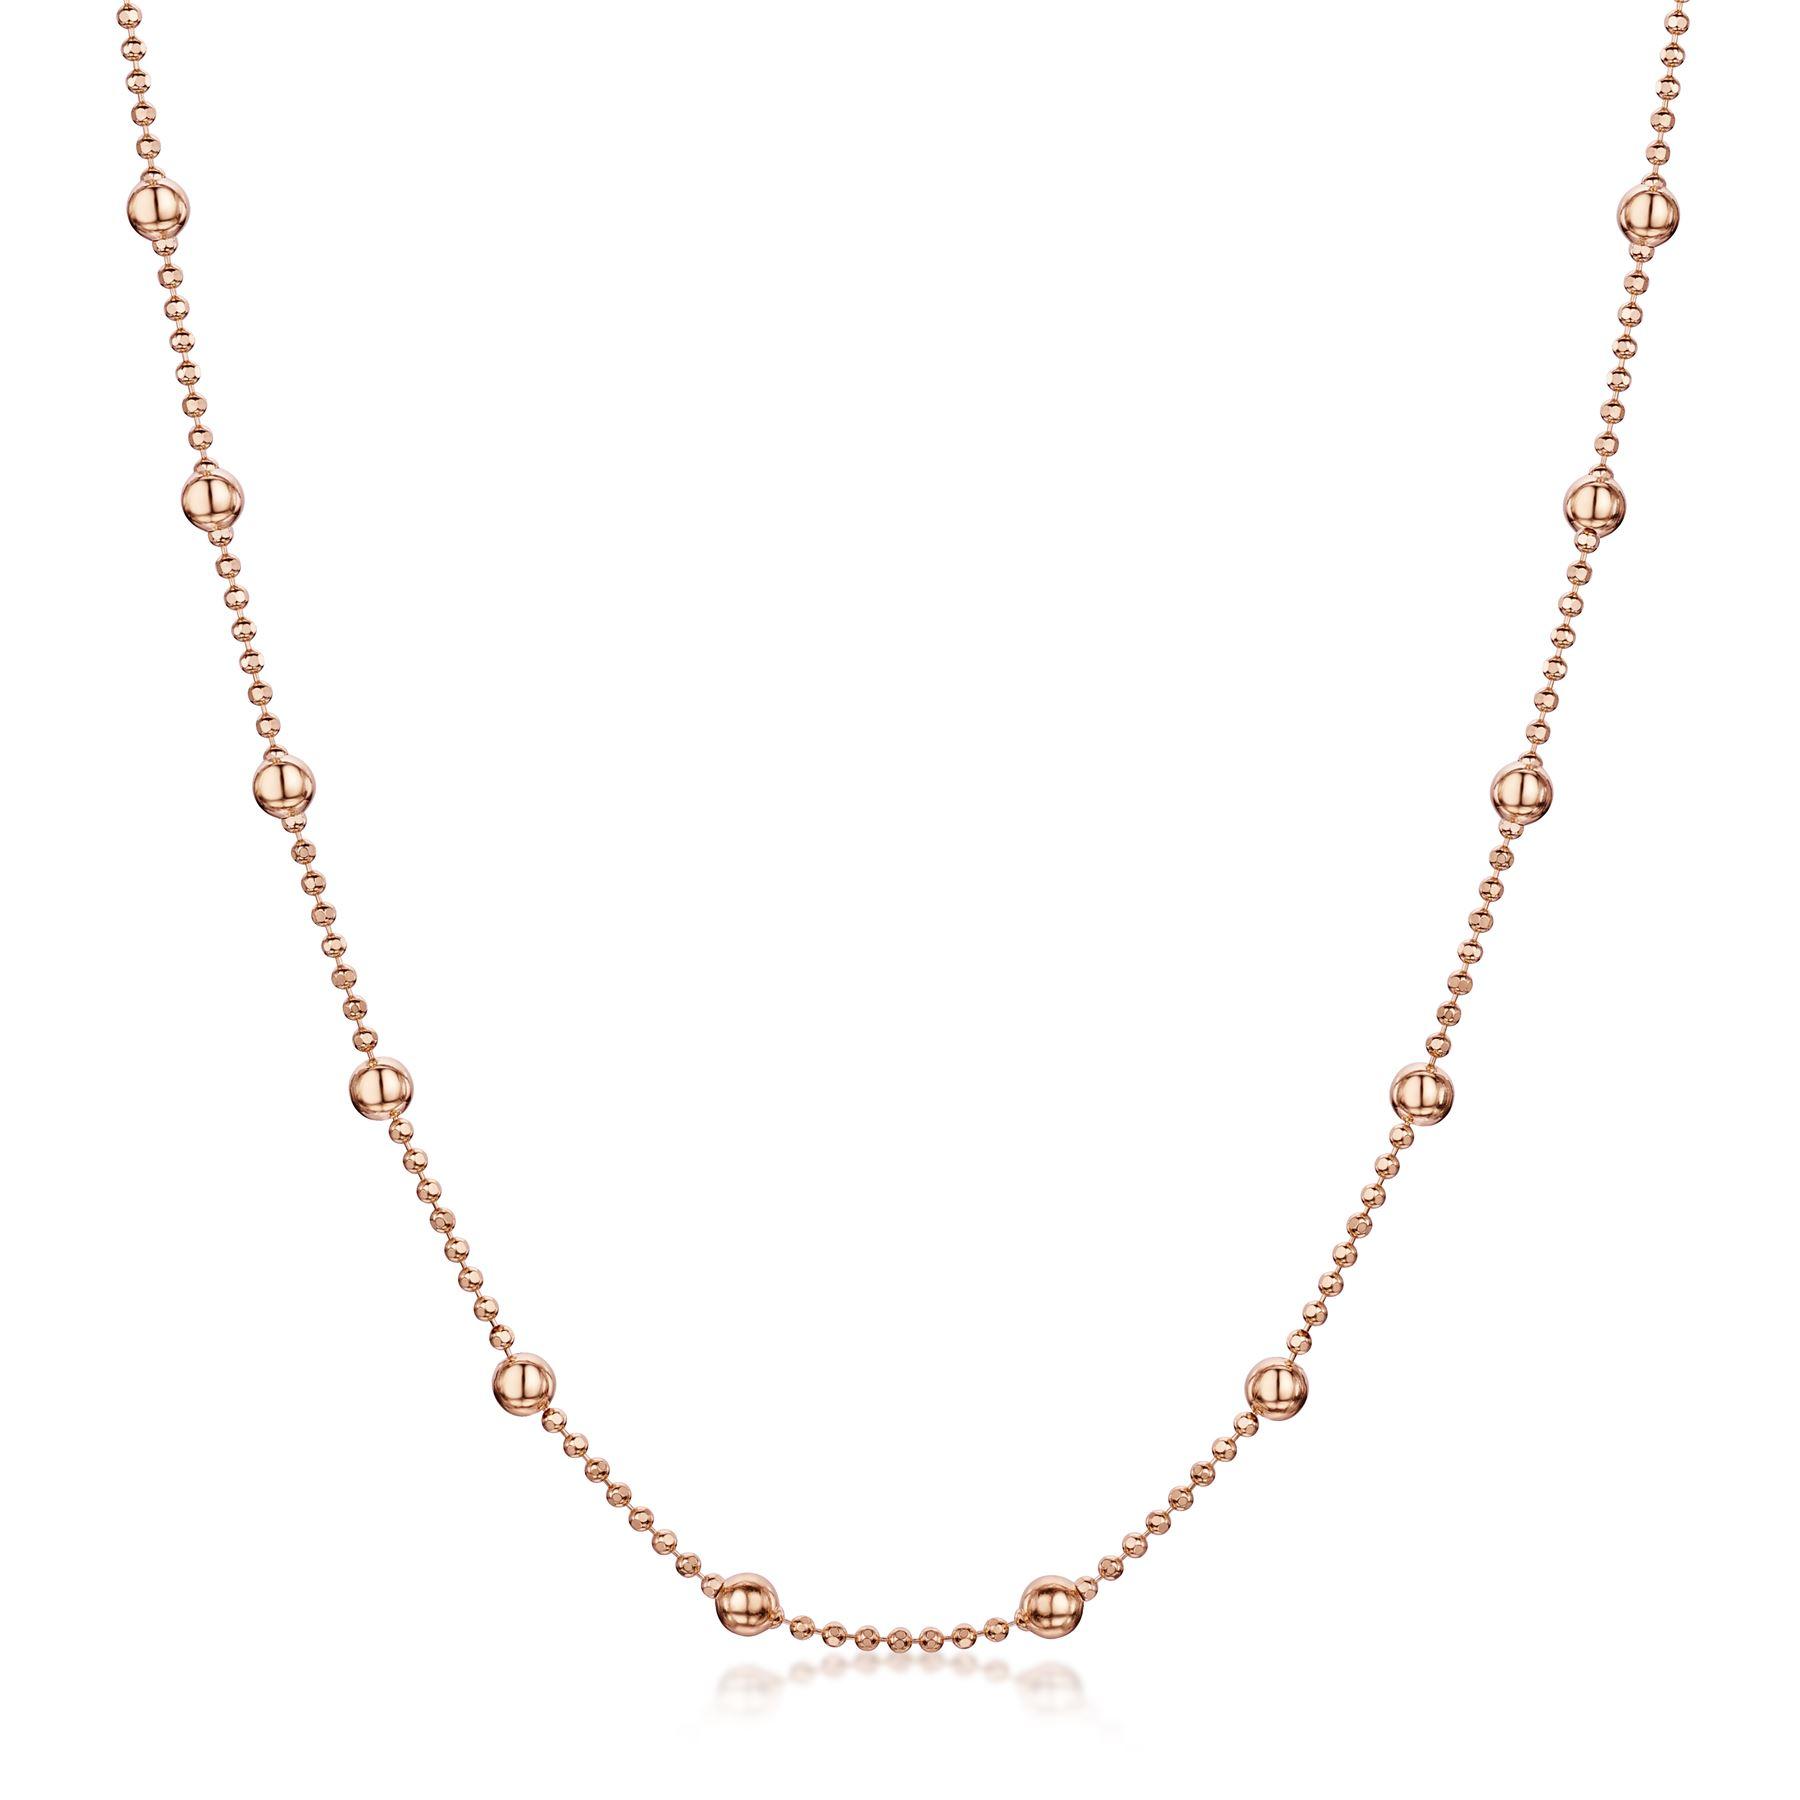 Amberta-Collar-en-Fina-Plata-De-Ley-925-y-Chapado-Oro-Rosa-14k-Cadena-para-Mujer miniatura 7